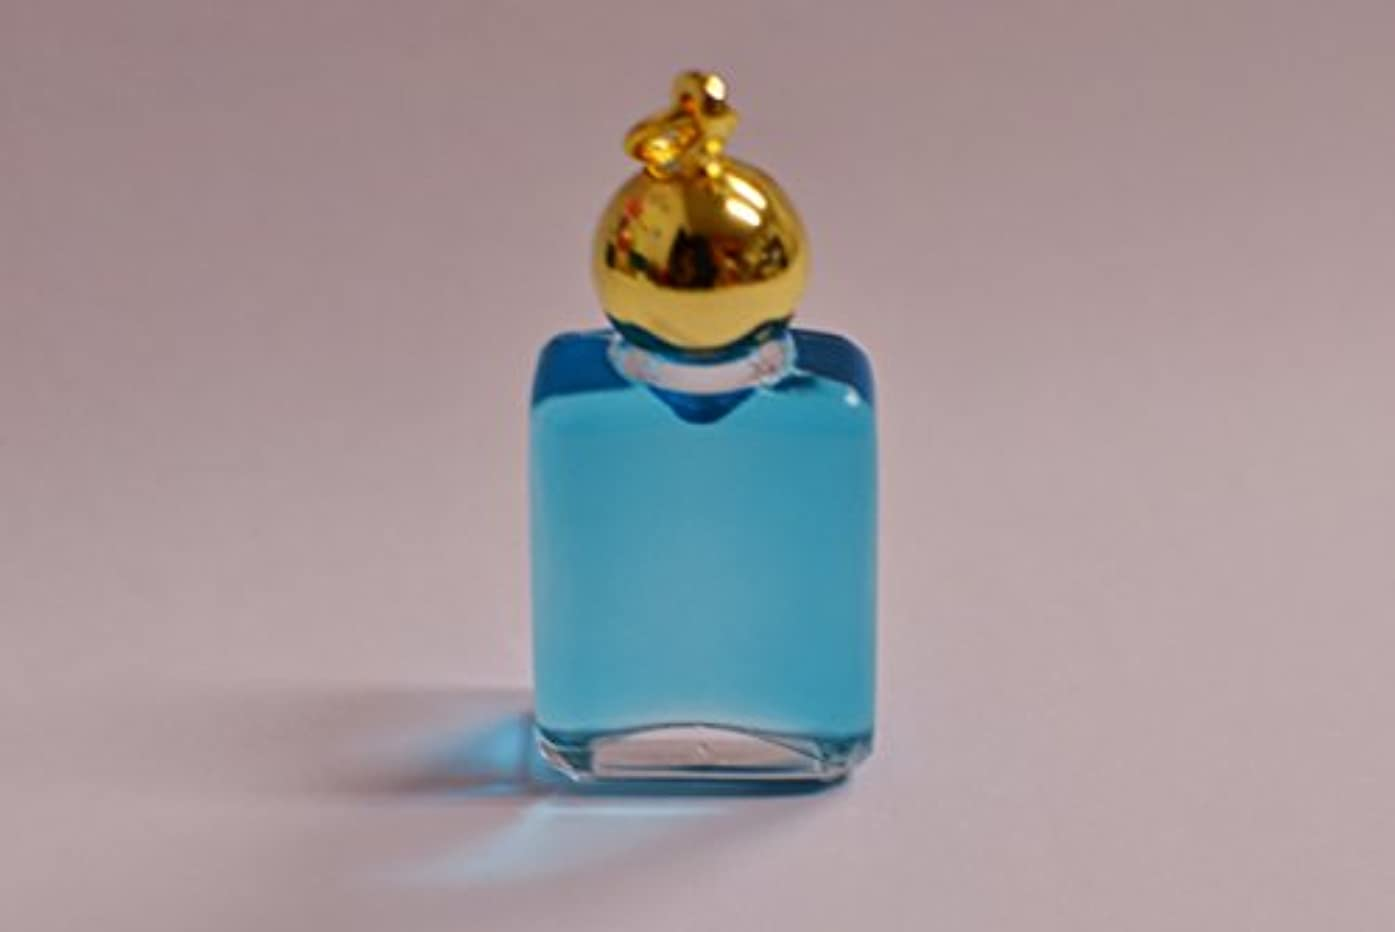 液化するの誠実和み彩香 ミニボトル(浅葱色?あさぎいろ)